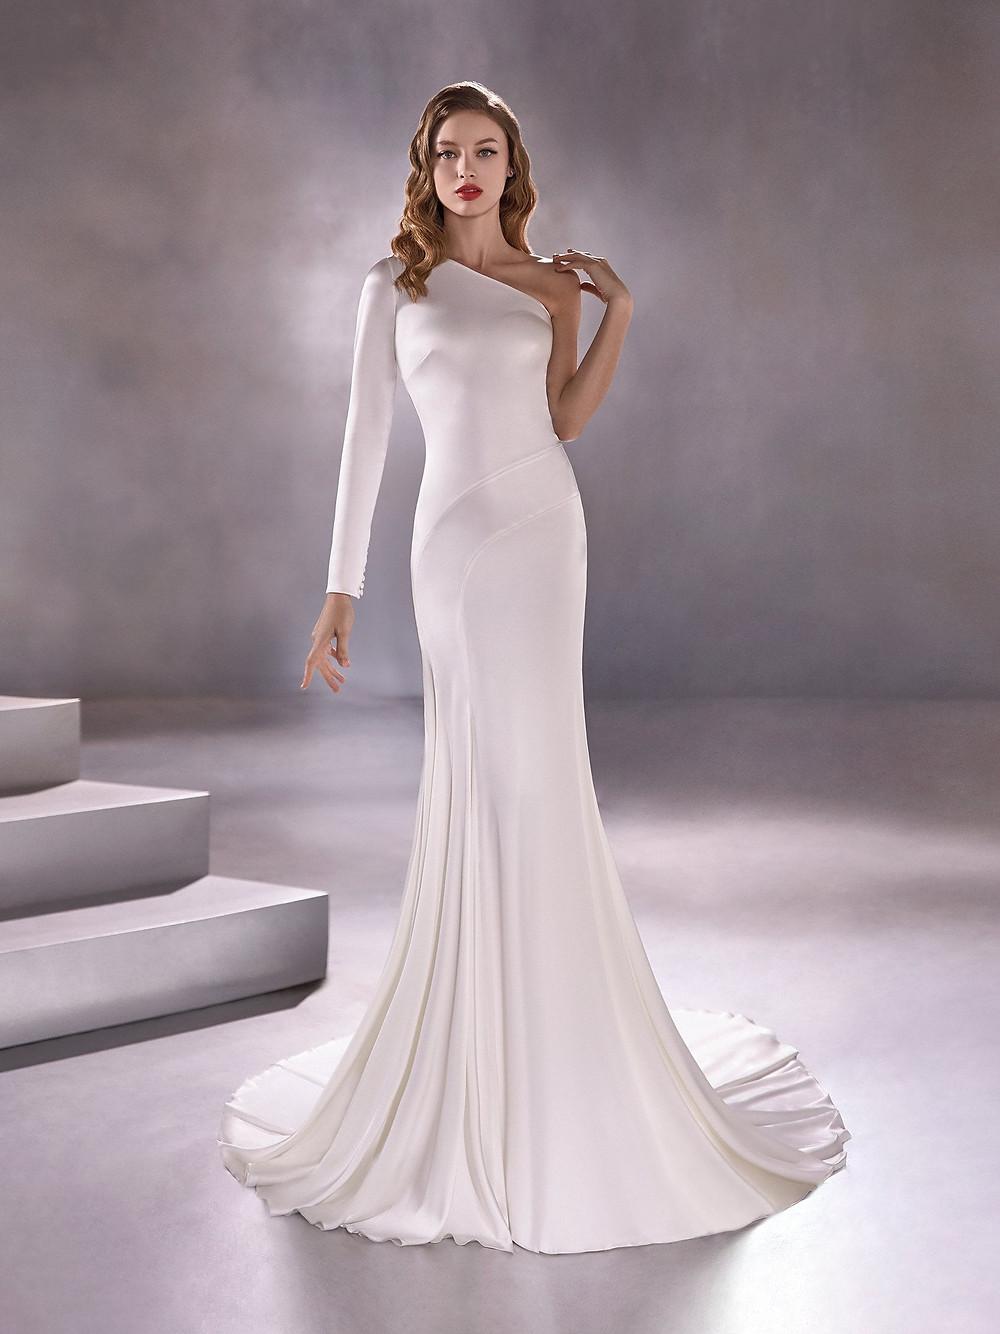 A clean long sleeve, one shoulder sheath wedding dress